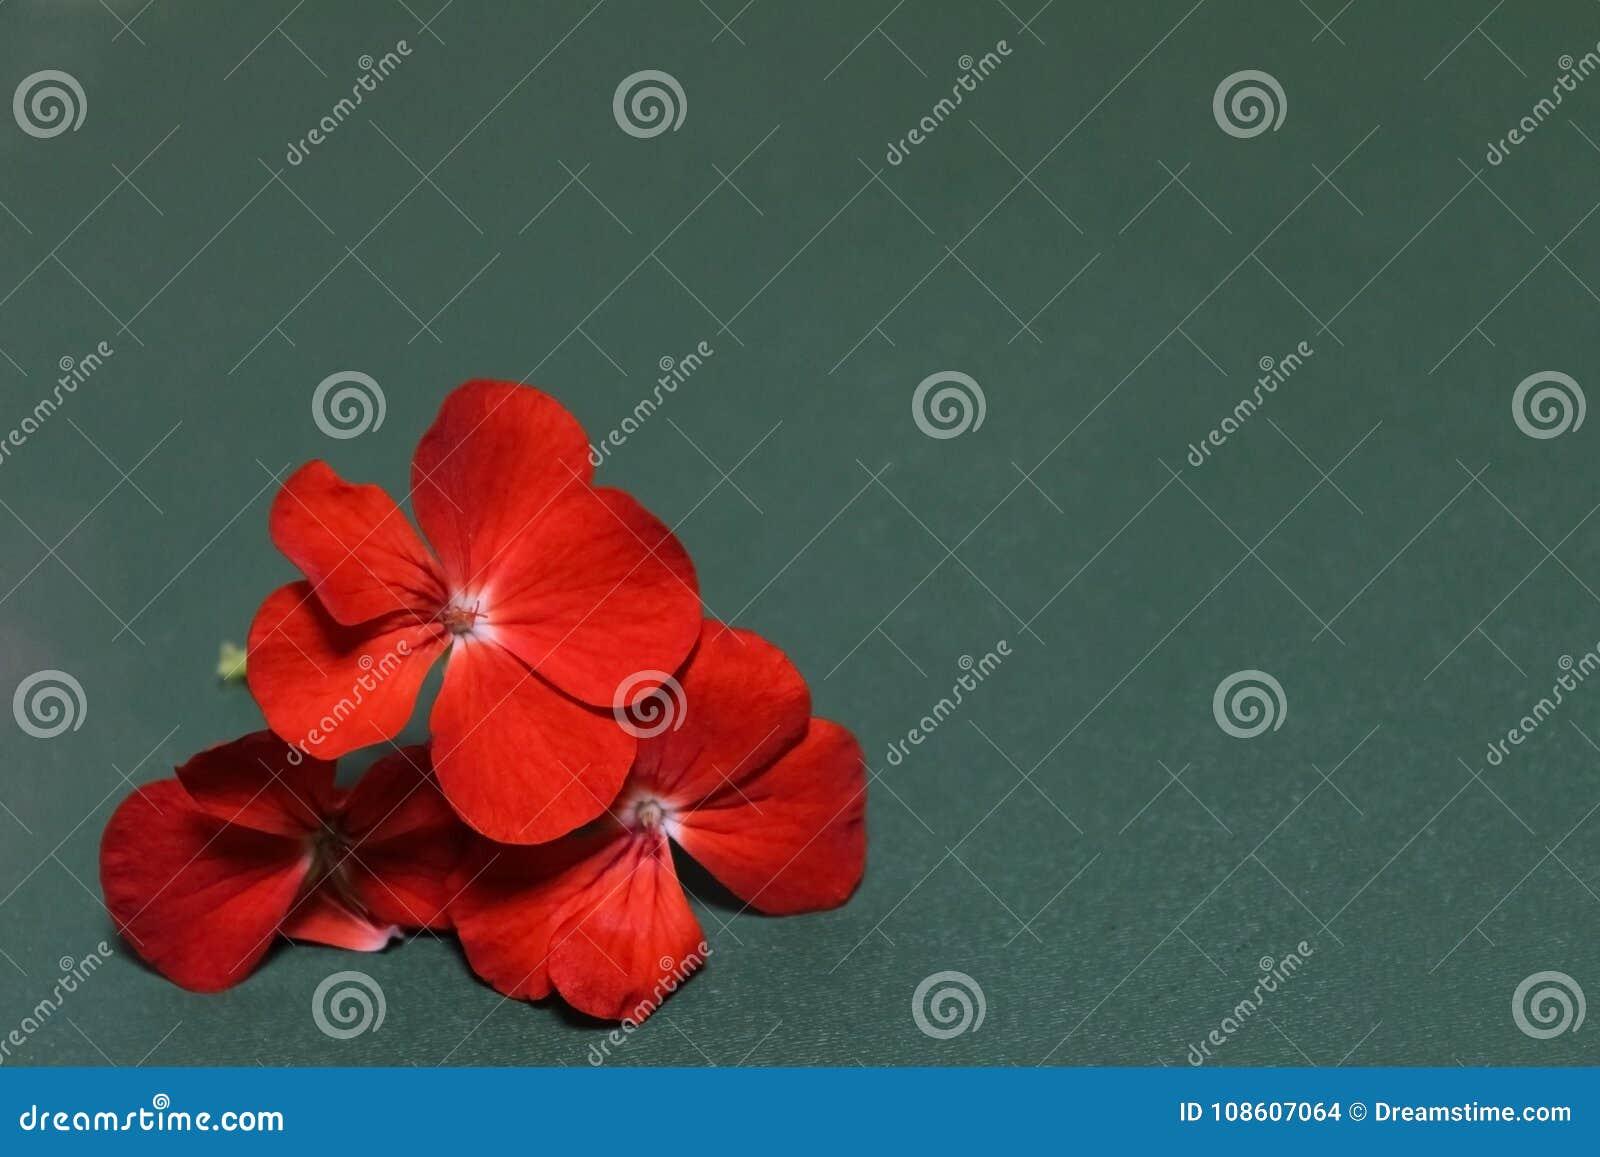 The geranium flowers